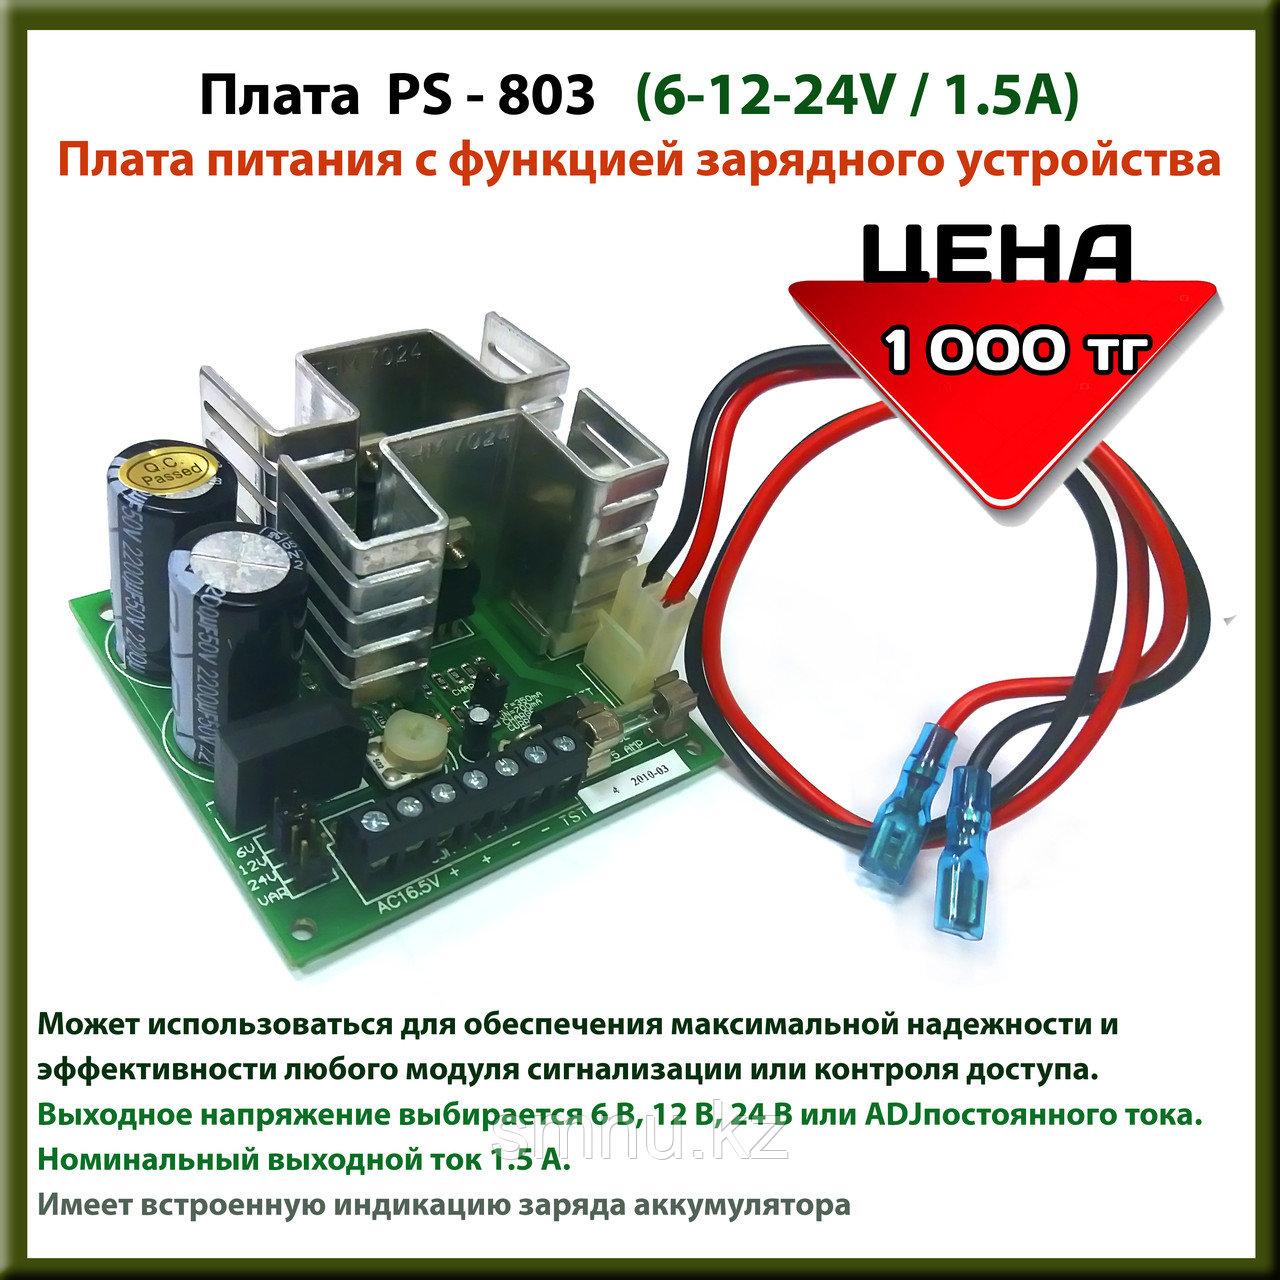 Плата PS-803